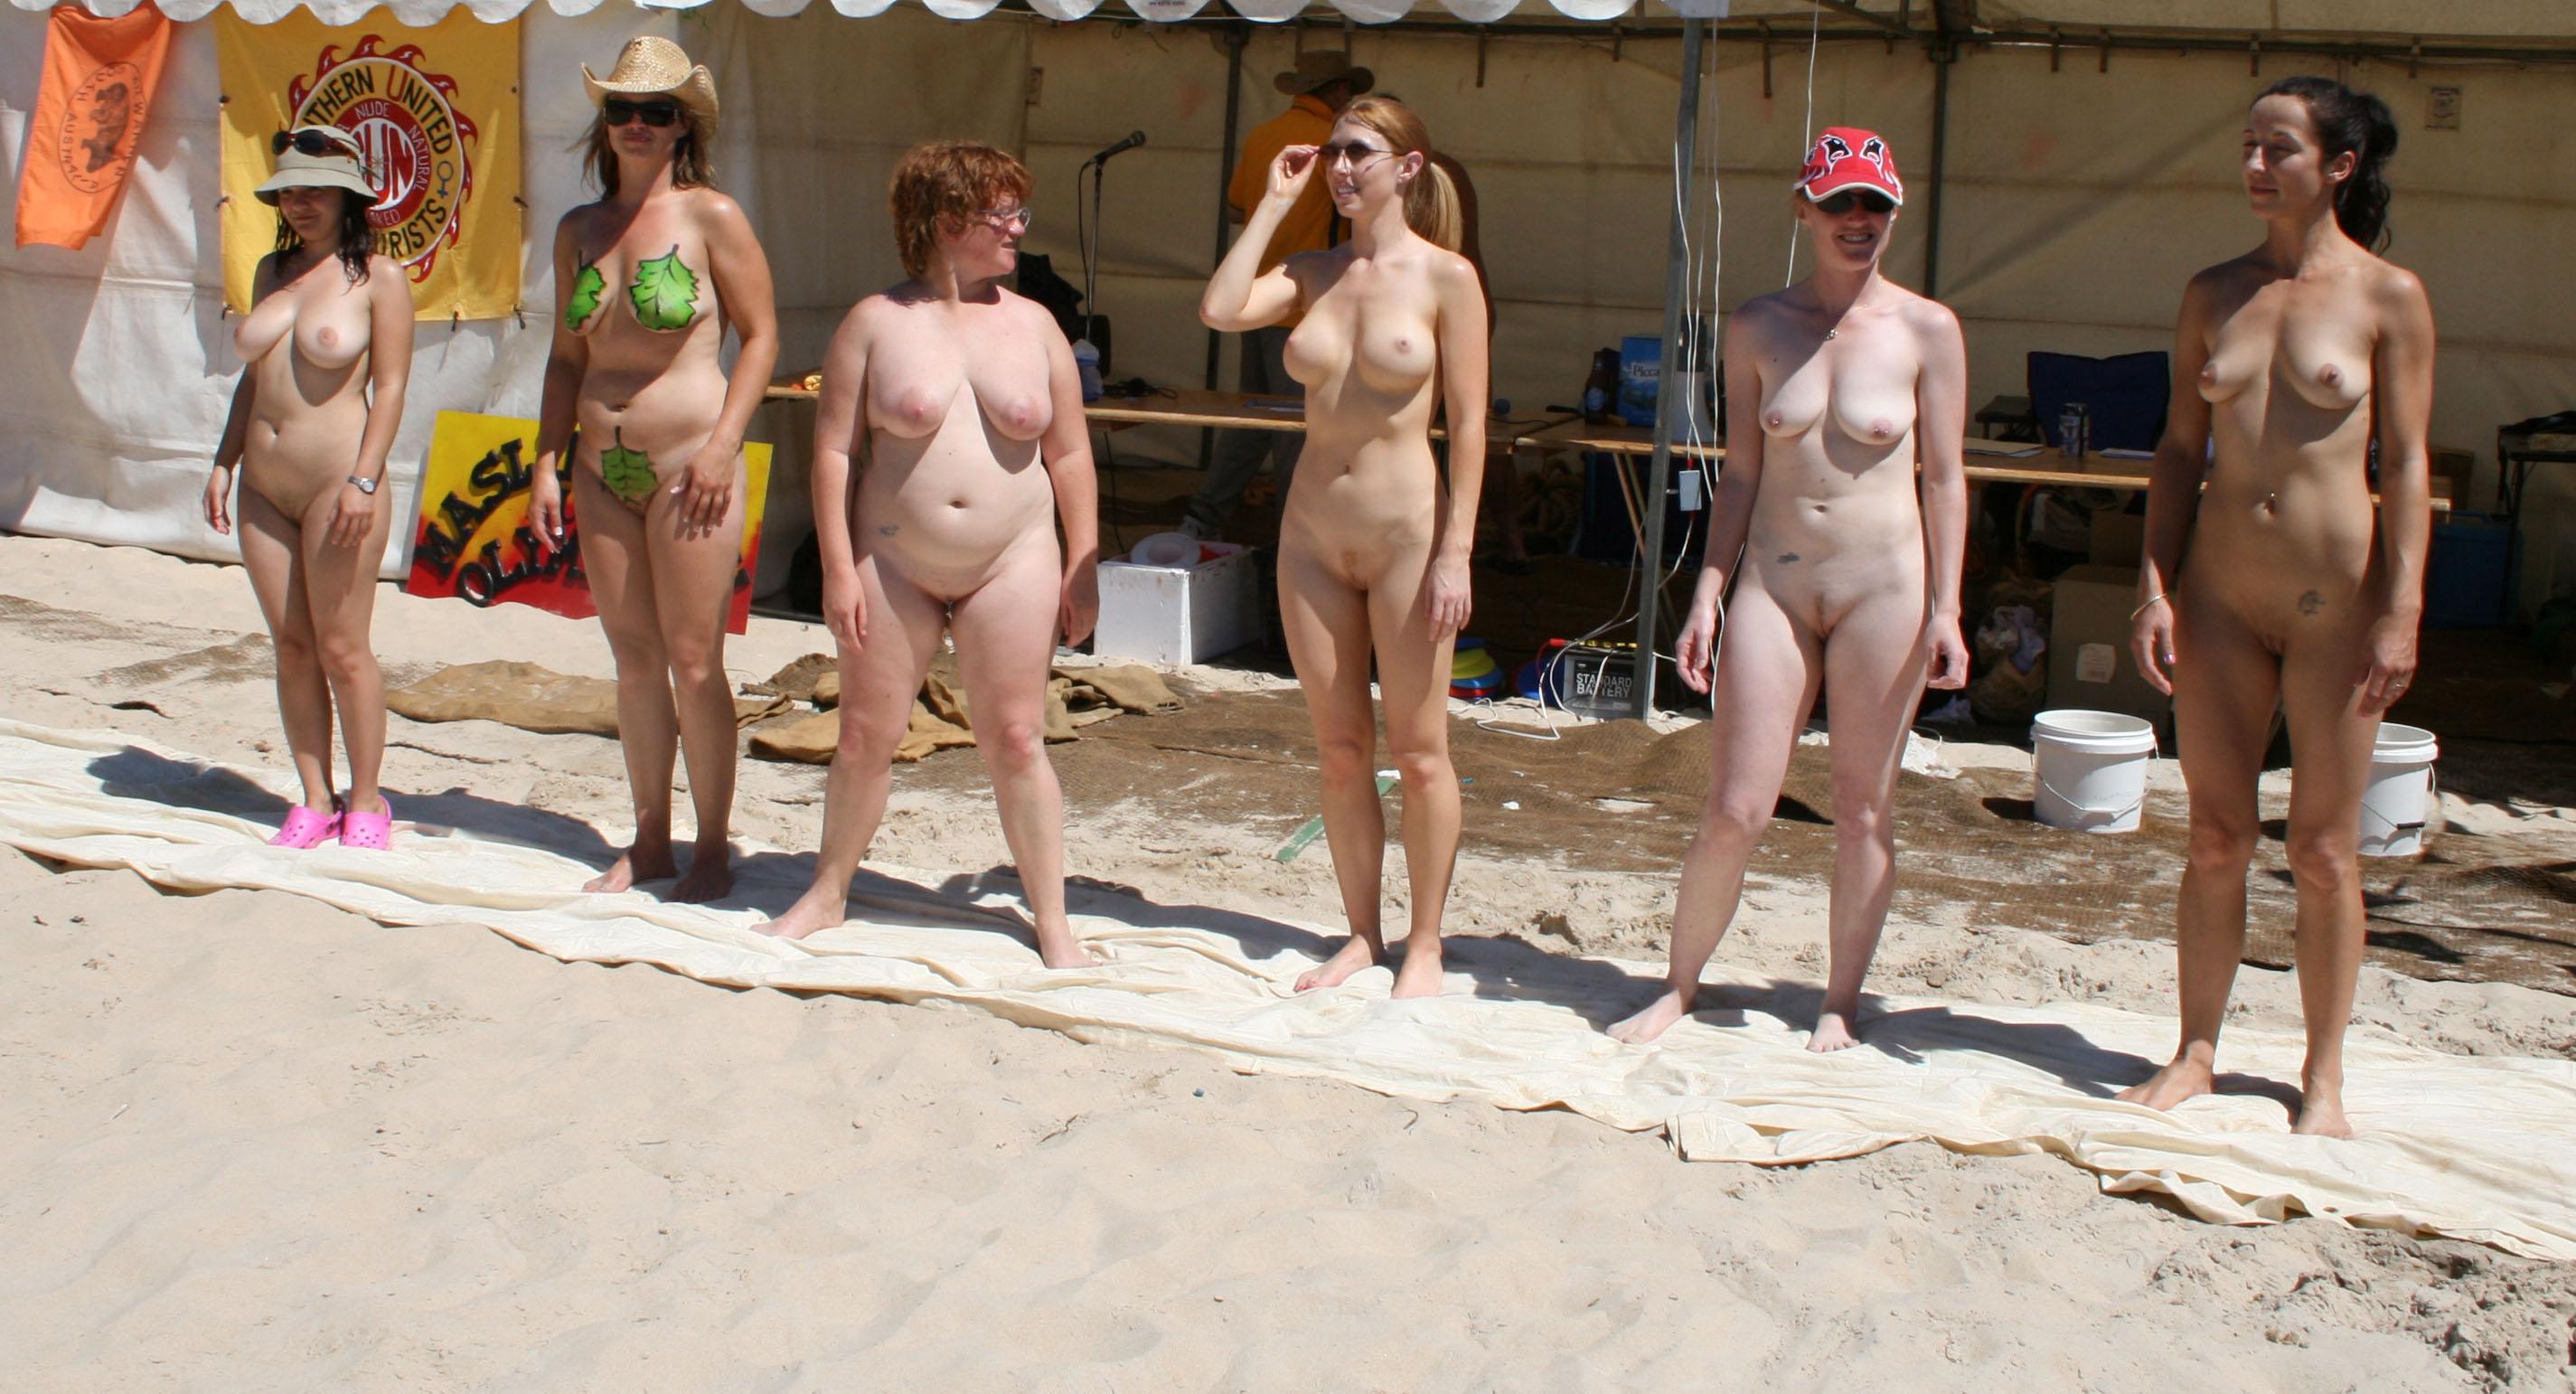 Porno Bilder - FKK Camp, Sandspiele